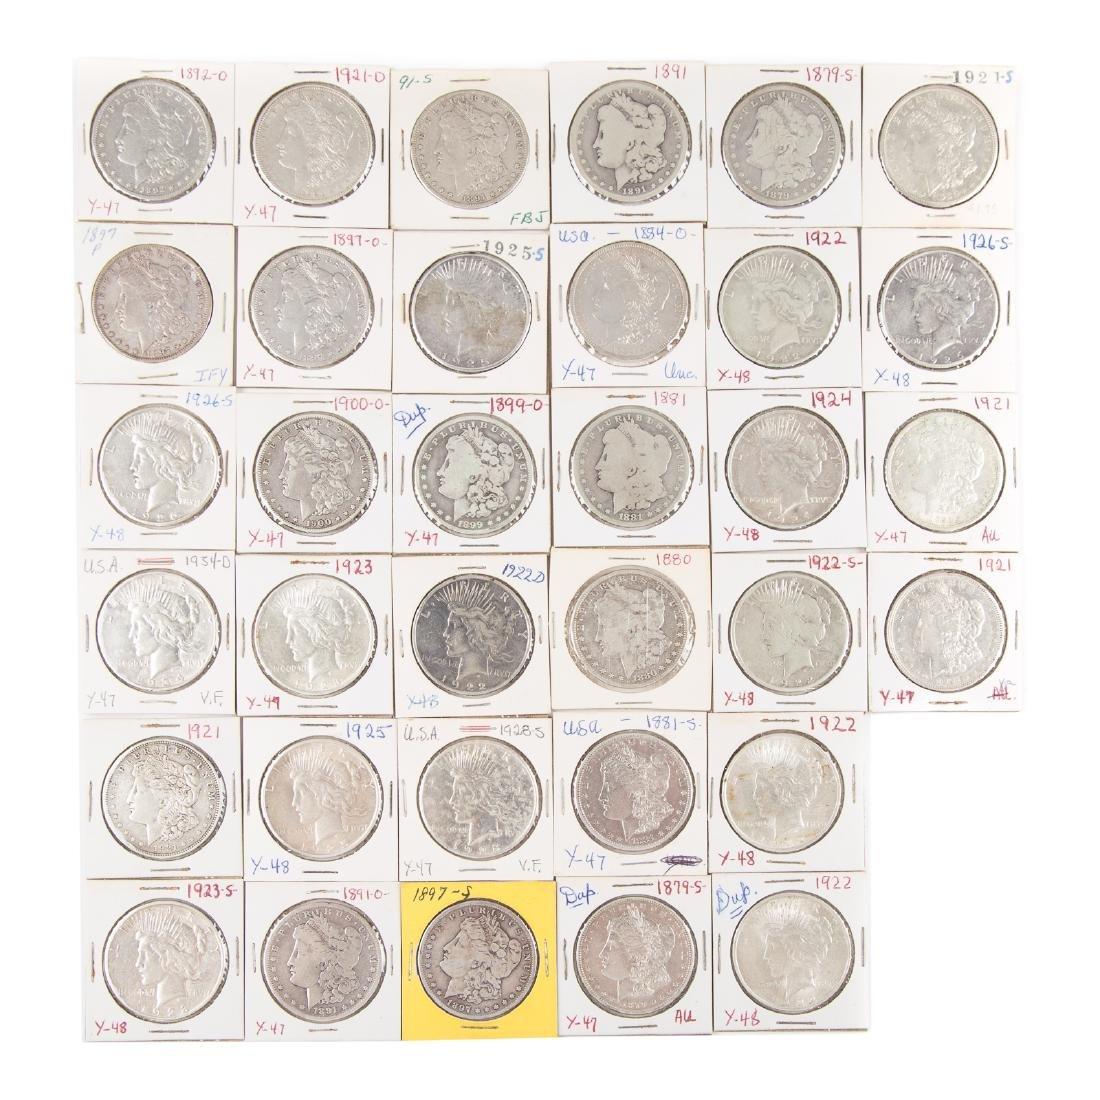 [US] 33 Morgan and Peace Silver Dollars